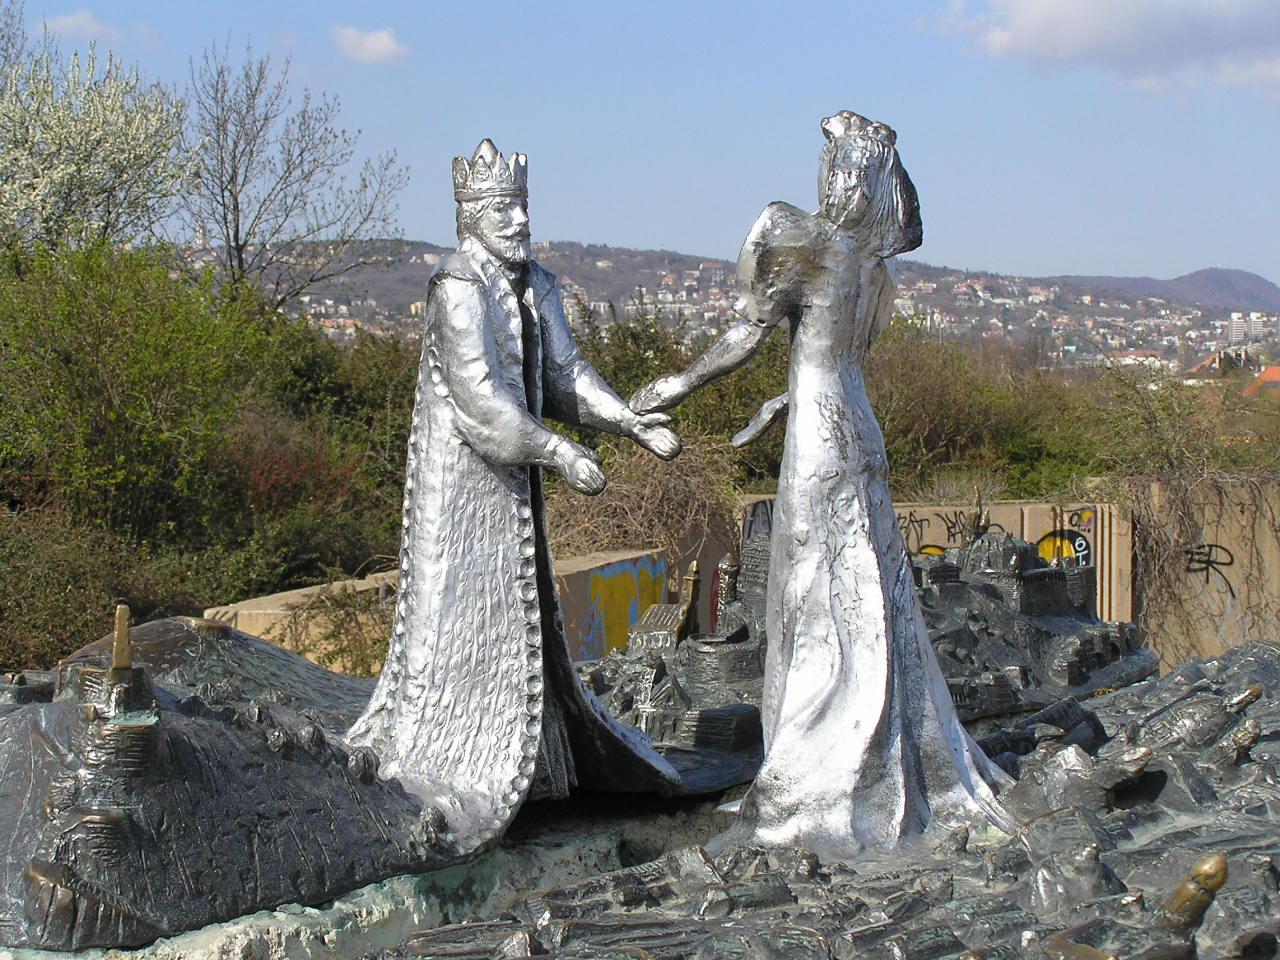 Buda királyfi és Pest királykisasszony, indafoto